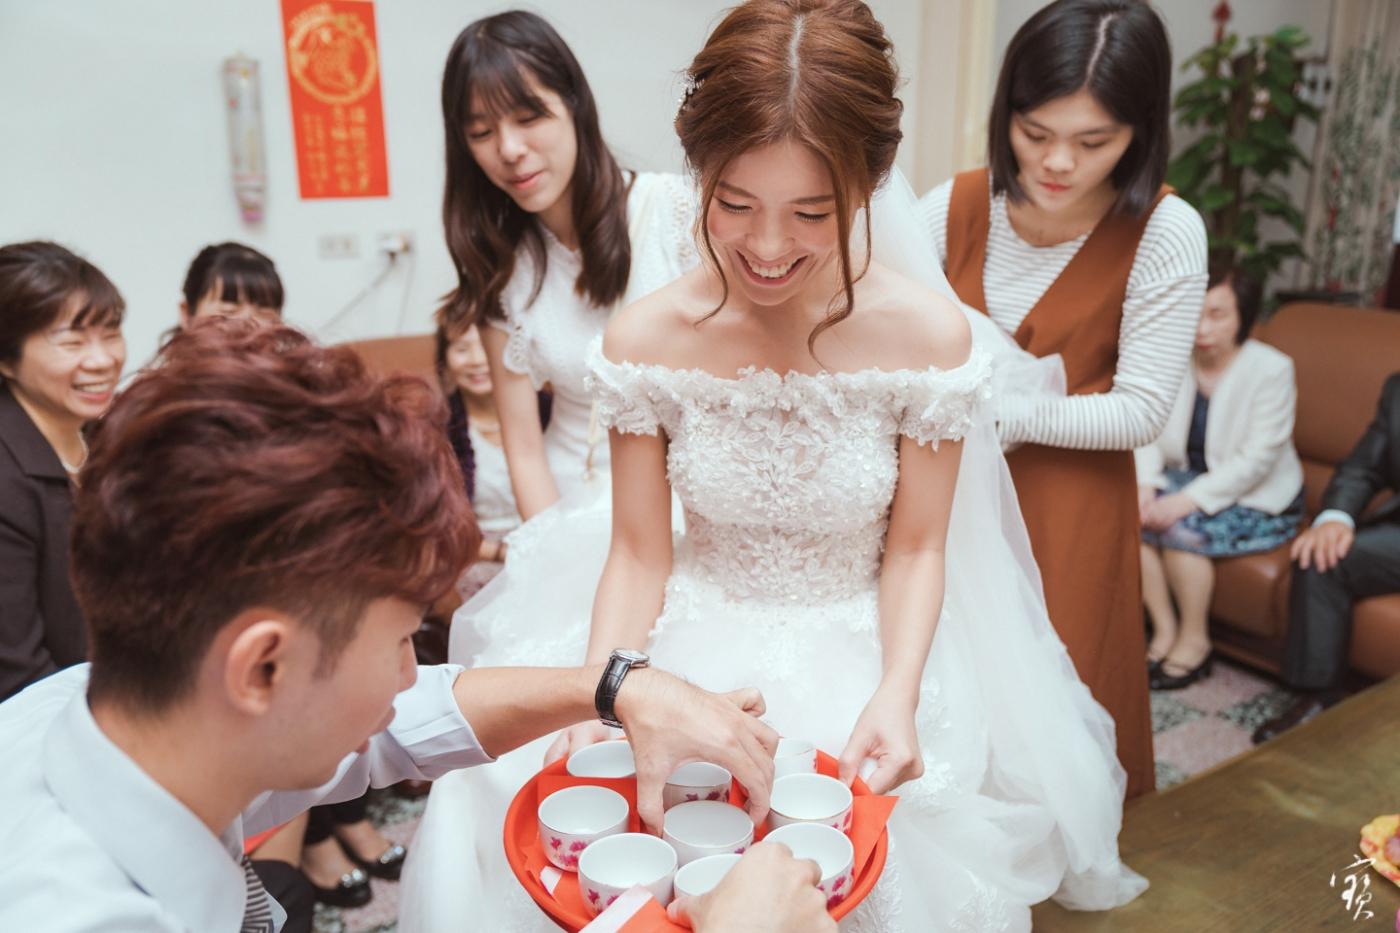 婚禮攝影 新竹彭園 冬伴影像 攝影師大寶 婚紗攝影 新娘新郎 早儀午宴20181125-224